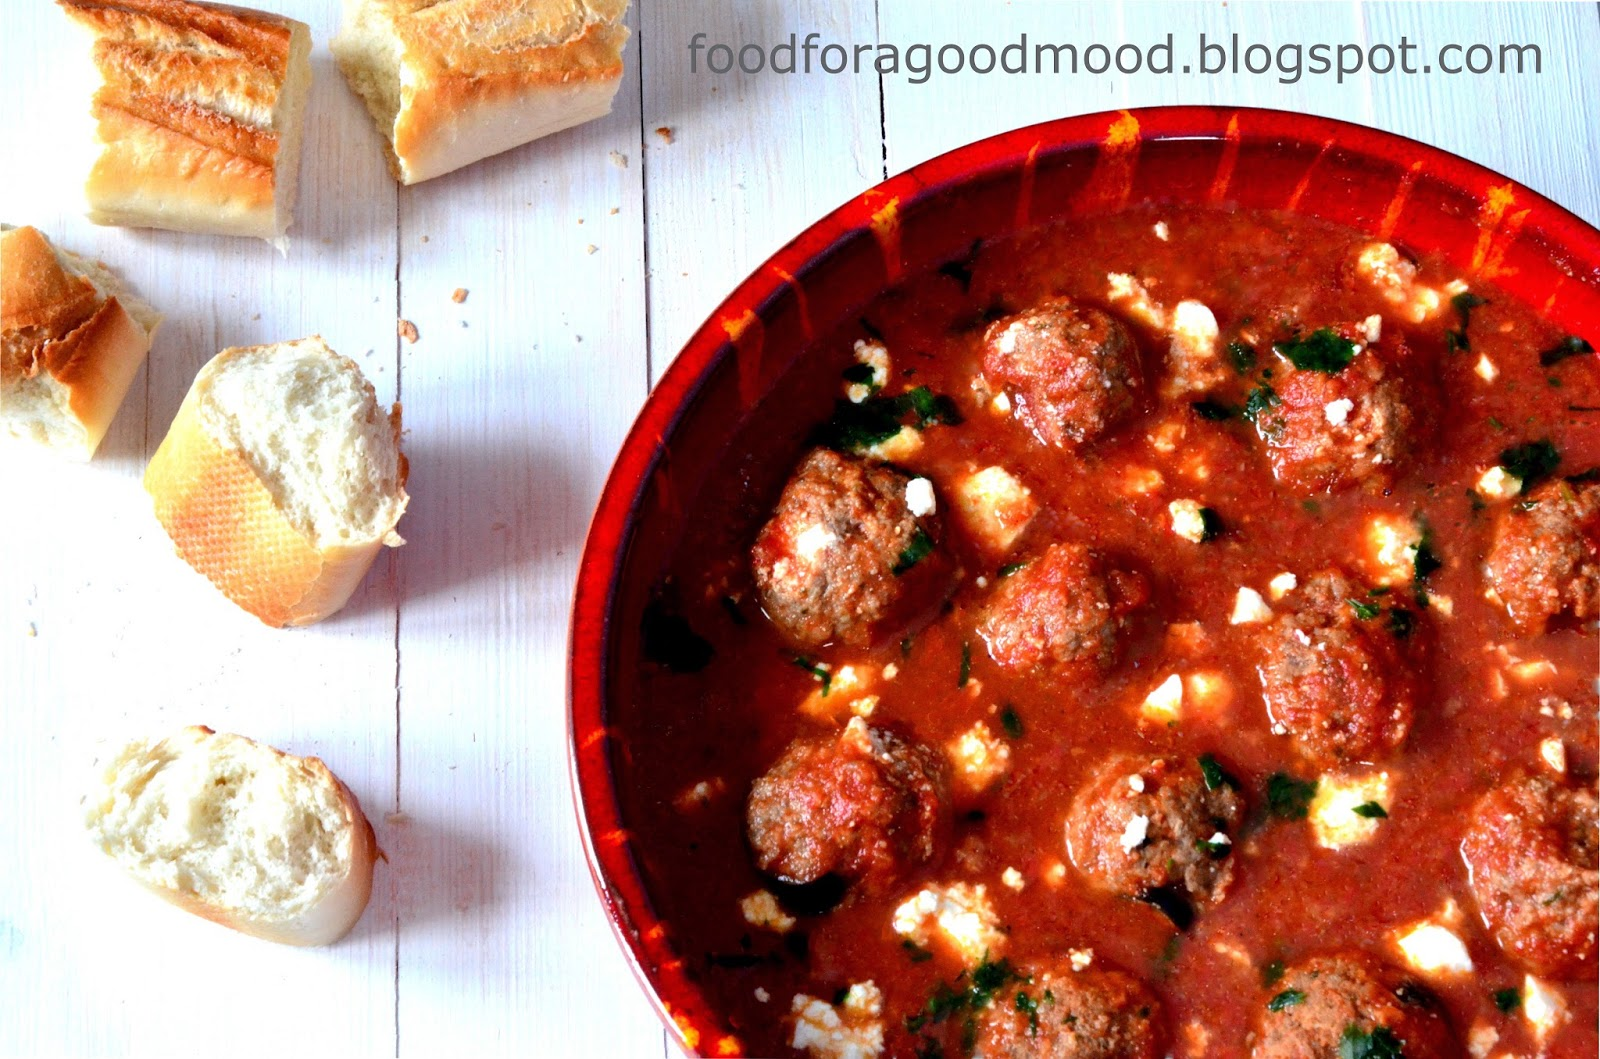 Niby nic. Ot, pulpety w sosie pomidorowym, jednak dodatek brandy do mięsa i sosu spowoduje nie lada zaskoczenie. Pozytywne oczywiście. Do tego feta, oliwki i przecier z dojrzałych w słońcu pomidorów. Smaczne, lekkie danie do konsumowania z bagietką.